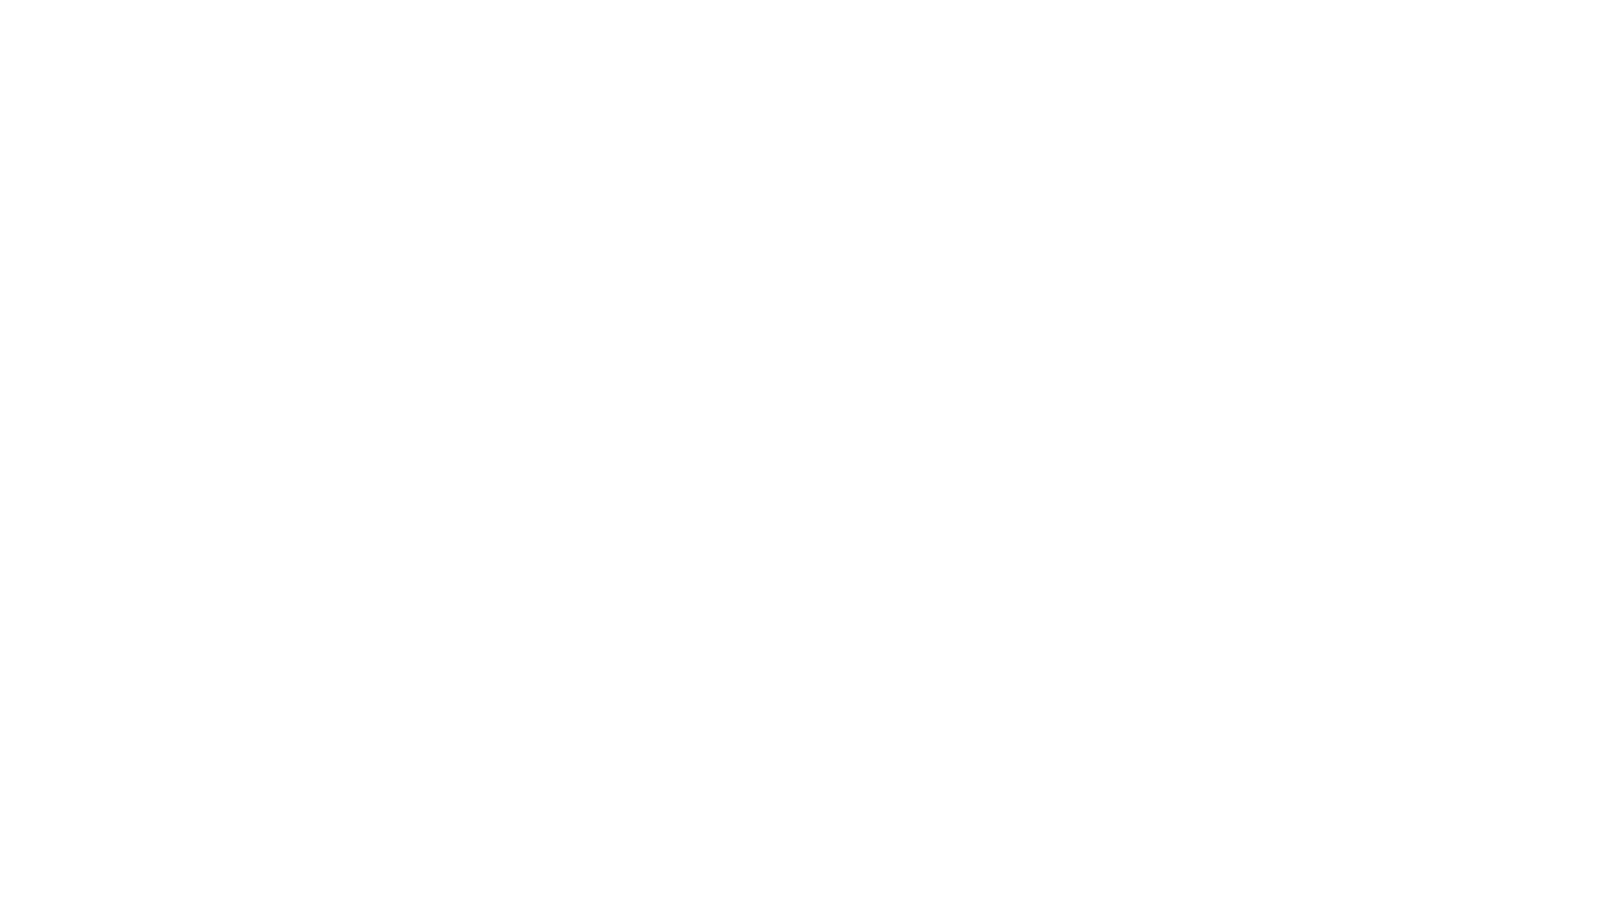 Atenta às constantes transformações, a ABIC une a evolução dos serviços digitais ao seu compromisso de buscar soluções e ferramentas que visam auxiliar seus associados, no desenvolvimento dos seus negócios.  Inovando mais uma vez, criamos o projeto ABIC Mercado, que trará análises semanais do mercado de café pelo consultor Marcus Magalhães, proprietário da rádio Voz do Café, Grupos MM e Blog Dia a Dia no Campo, atuante há 32 anos no segmento café nas áreas de Corretagem, Consultoria, Comunicação Cafeeira e varejo.  Confira a análise desta semana e siga a ABIC nas redes sociais: @tudodecafe.